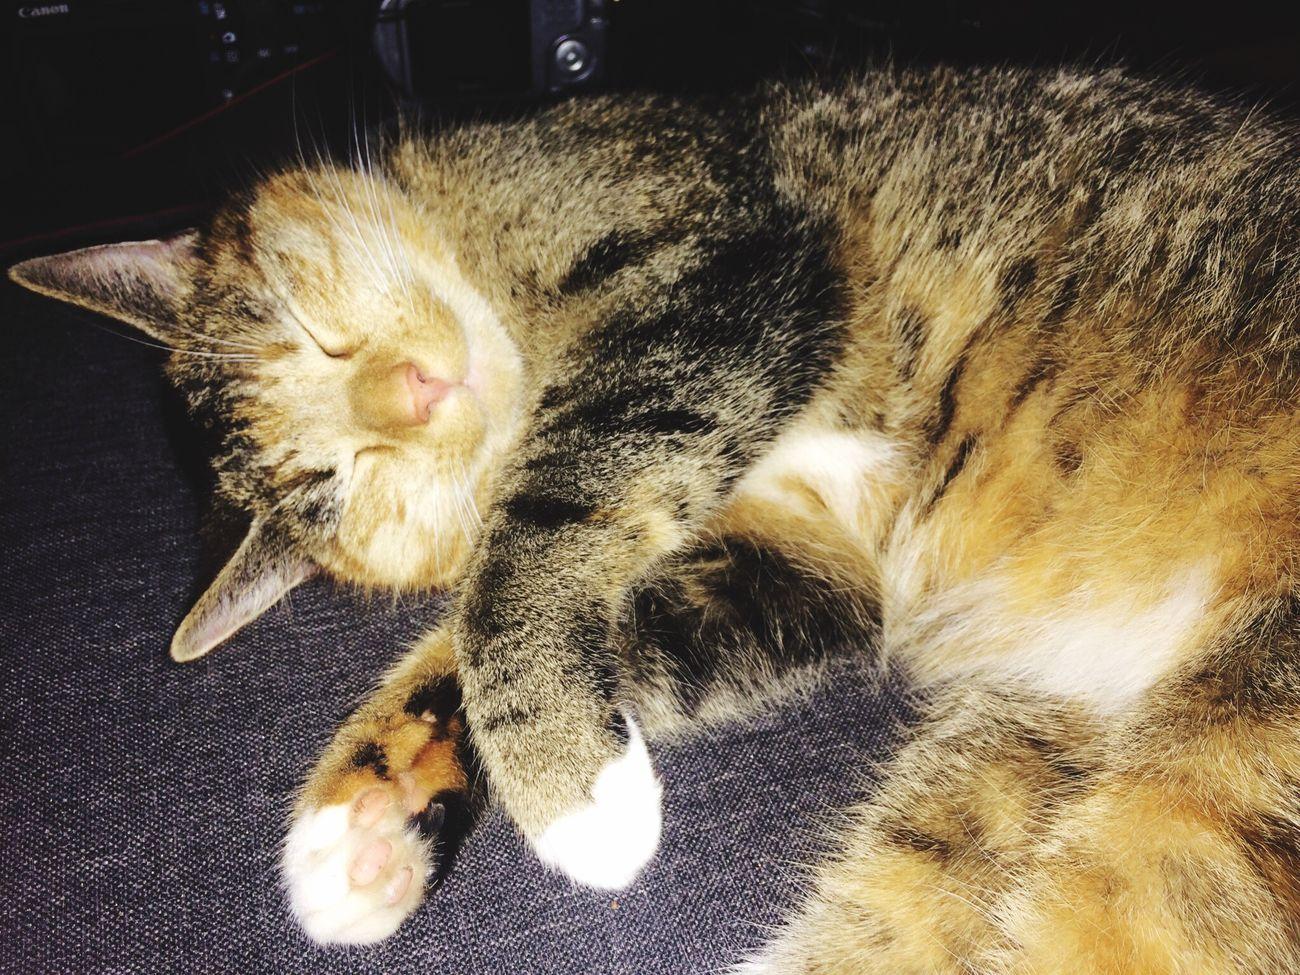 ralph van dellen eyeem one of my two sweet cats 😃 cat